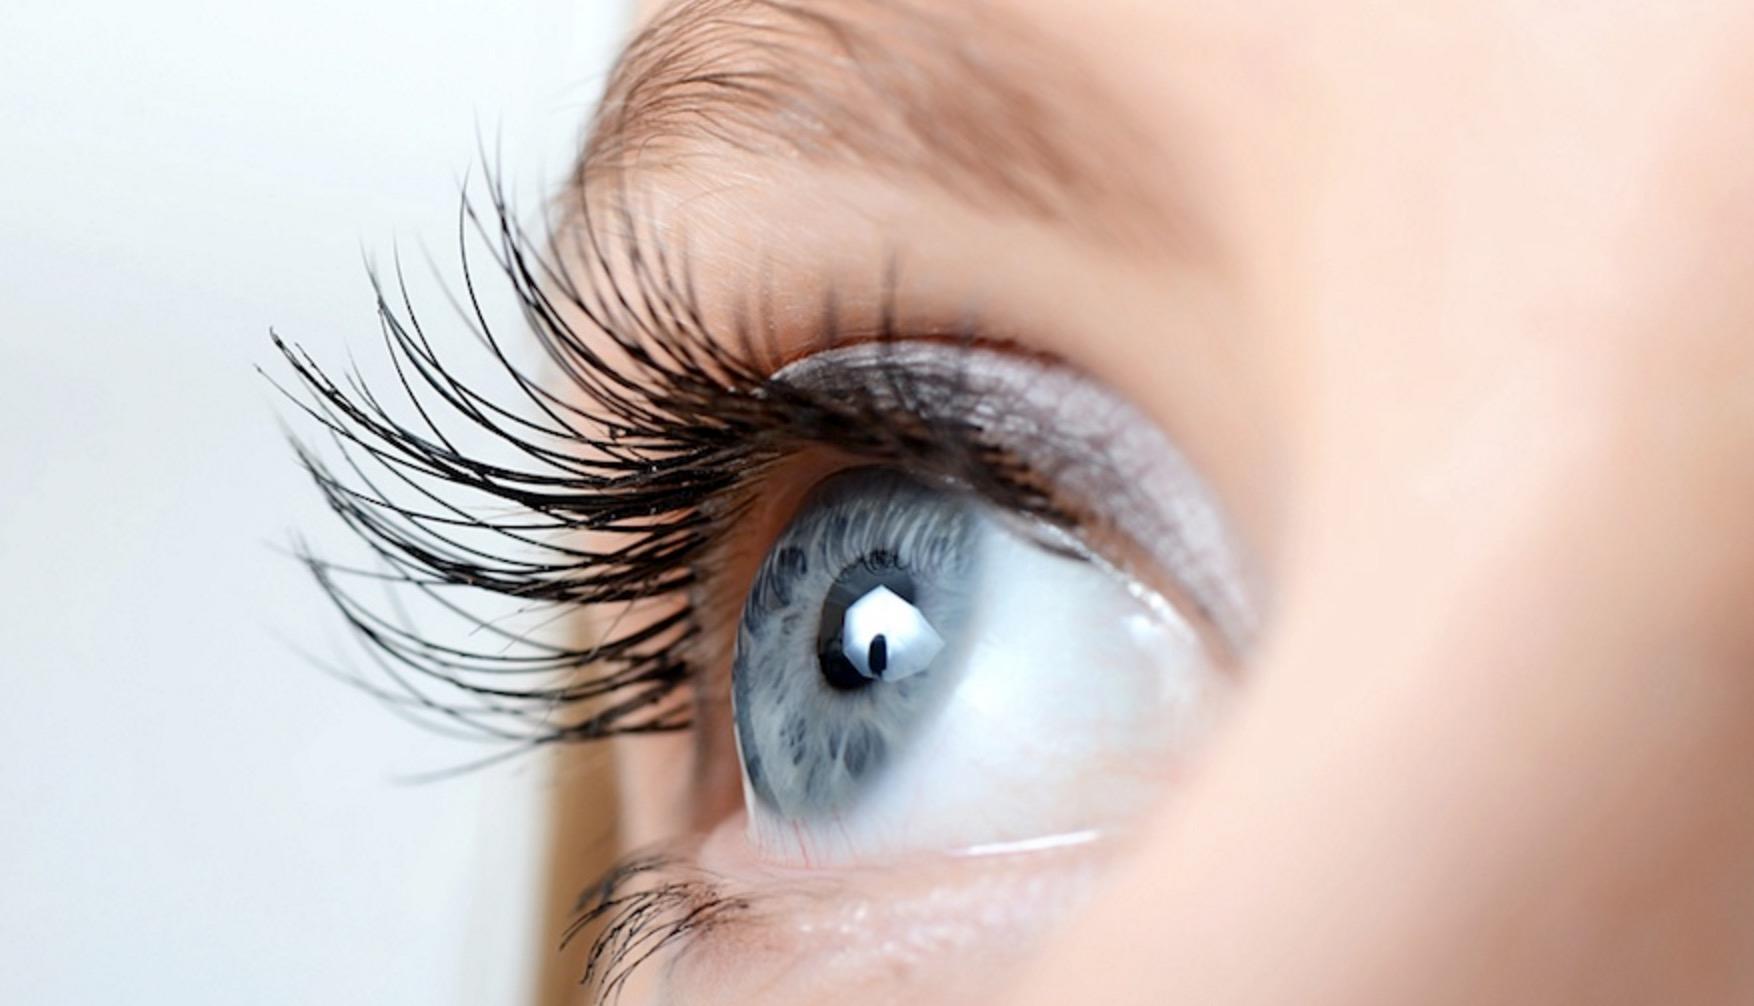 Veprime që dëmtojnë sytë tuaj, largoni këto shprehi